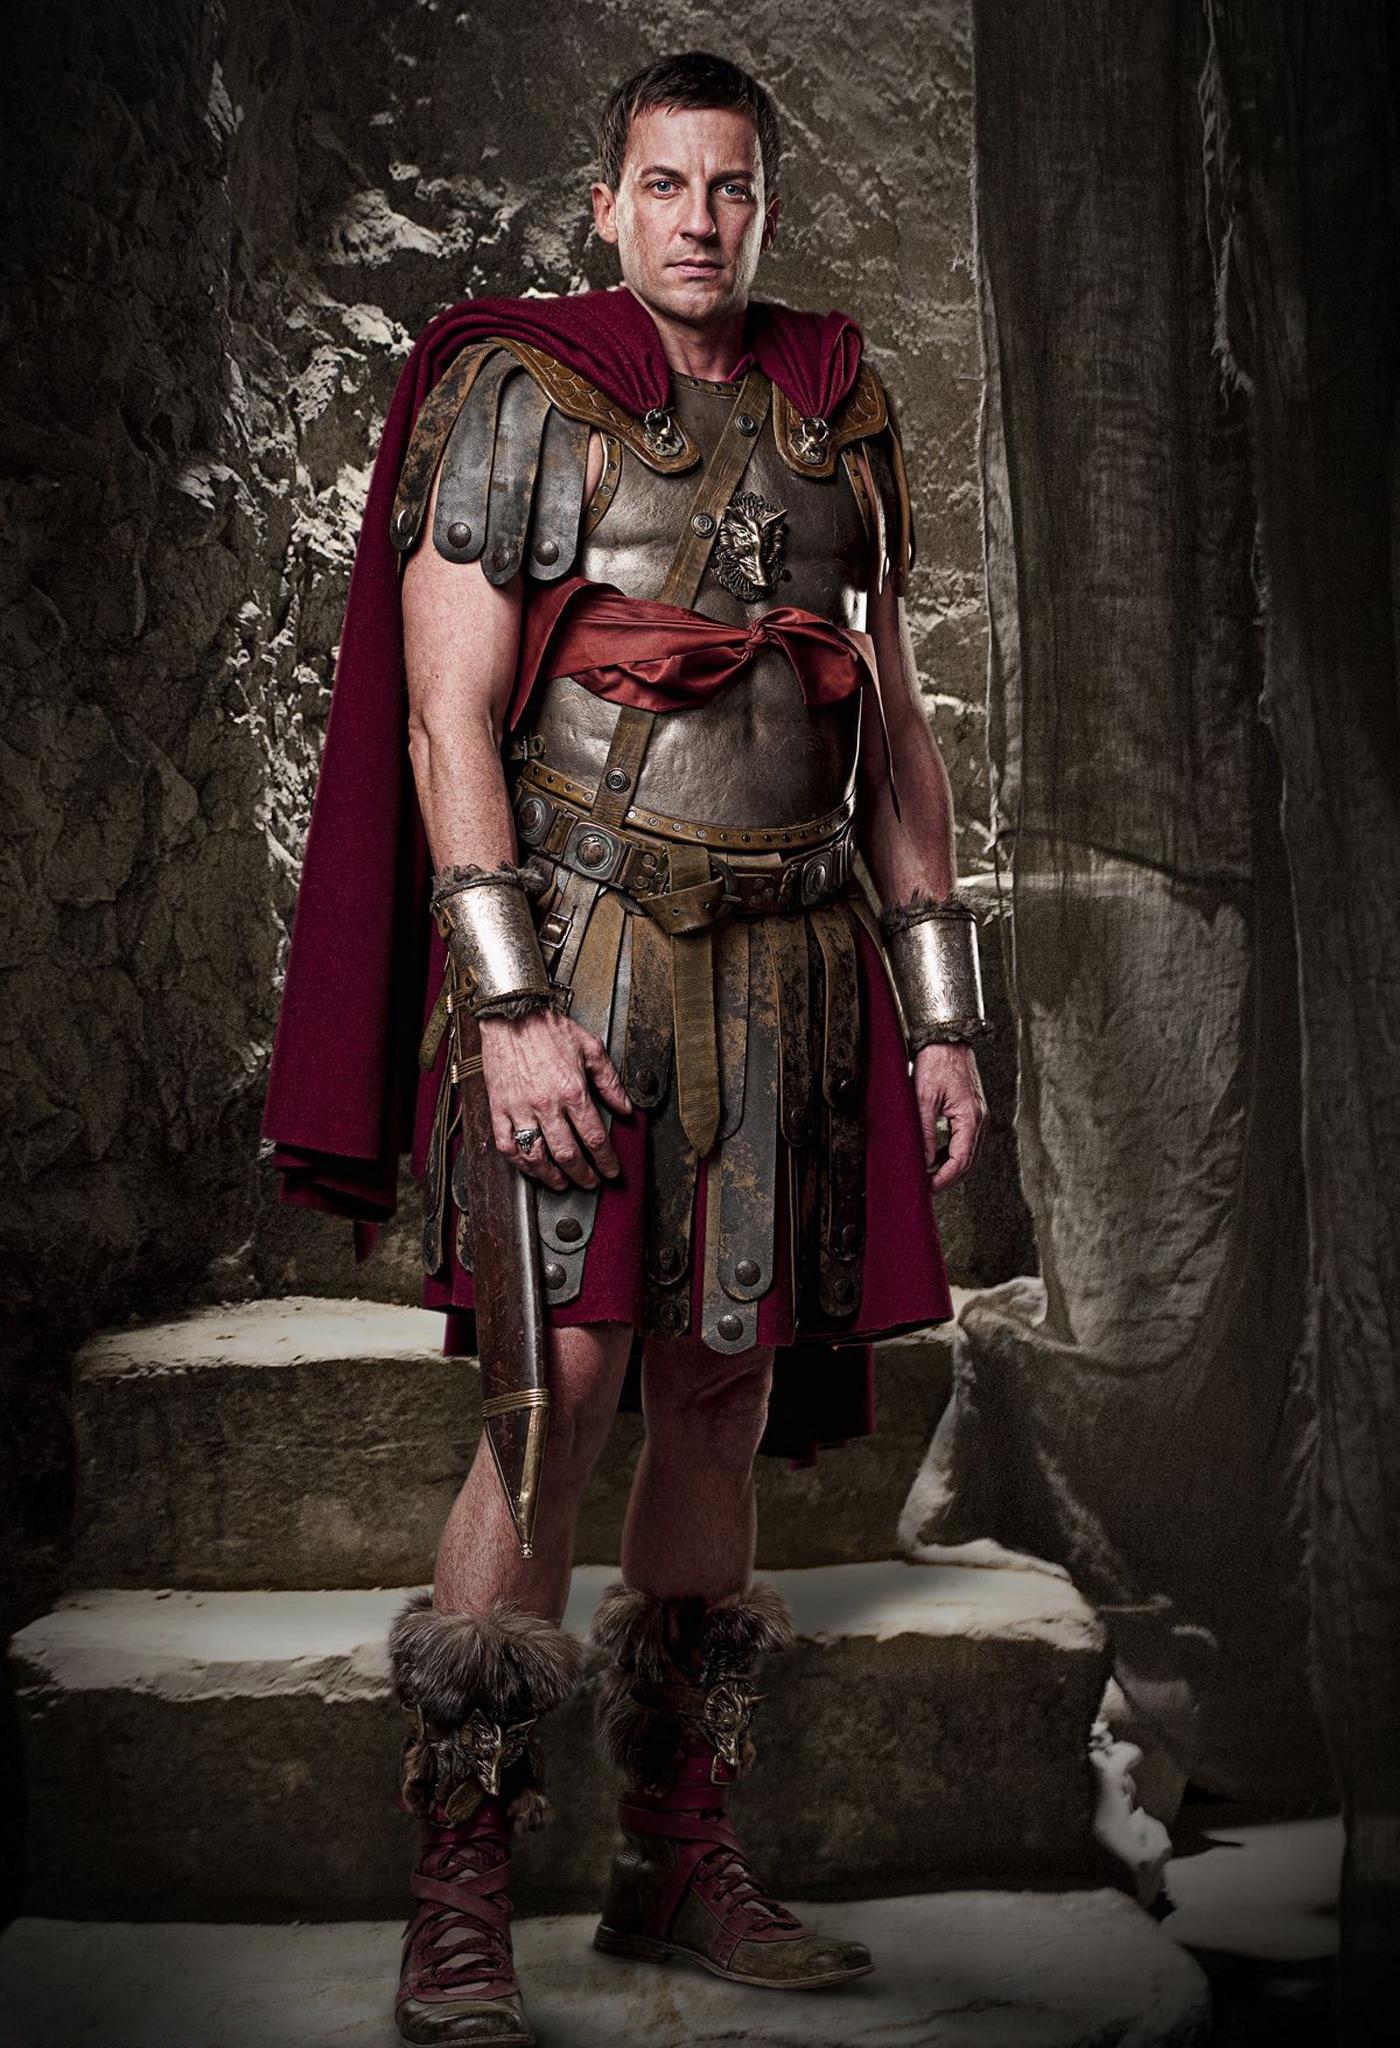 Hoja de presentacion de Tulio Quinto Escipion Claudius-glaber-spartacus-blood-and-sand-15421193-1400-2048